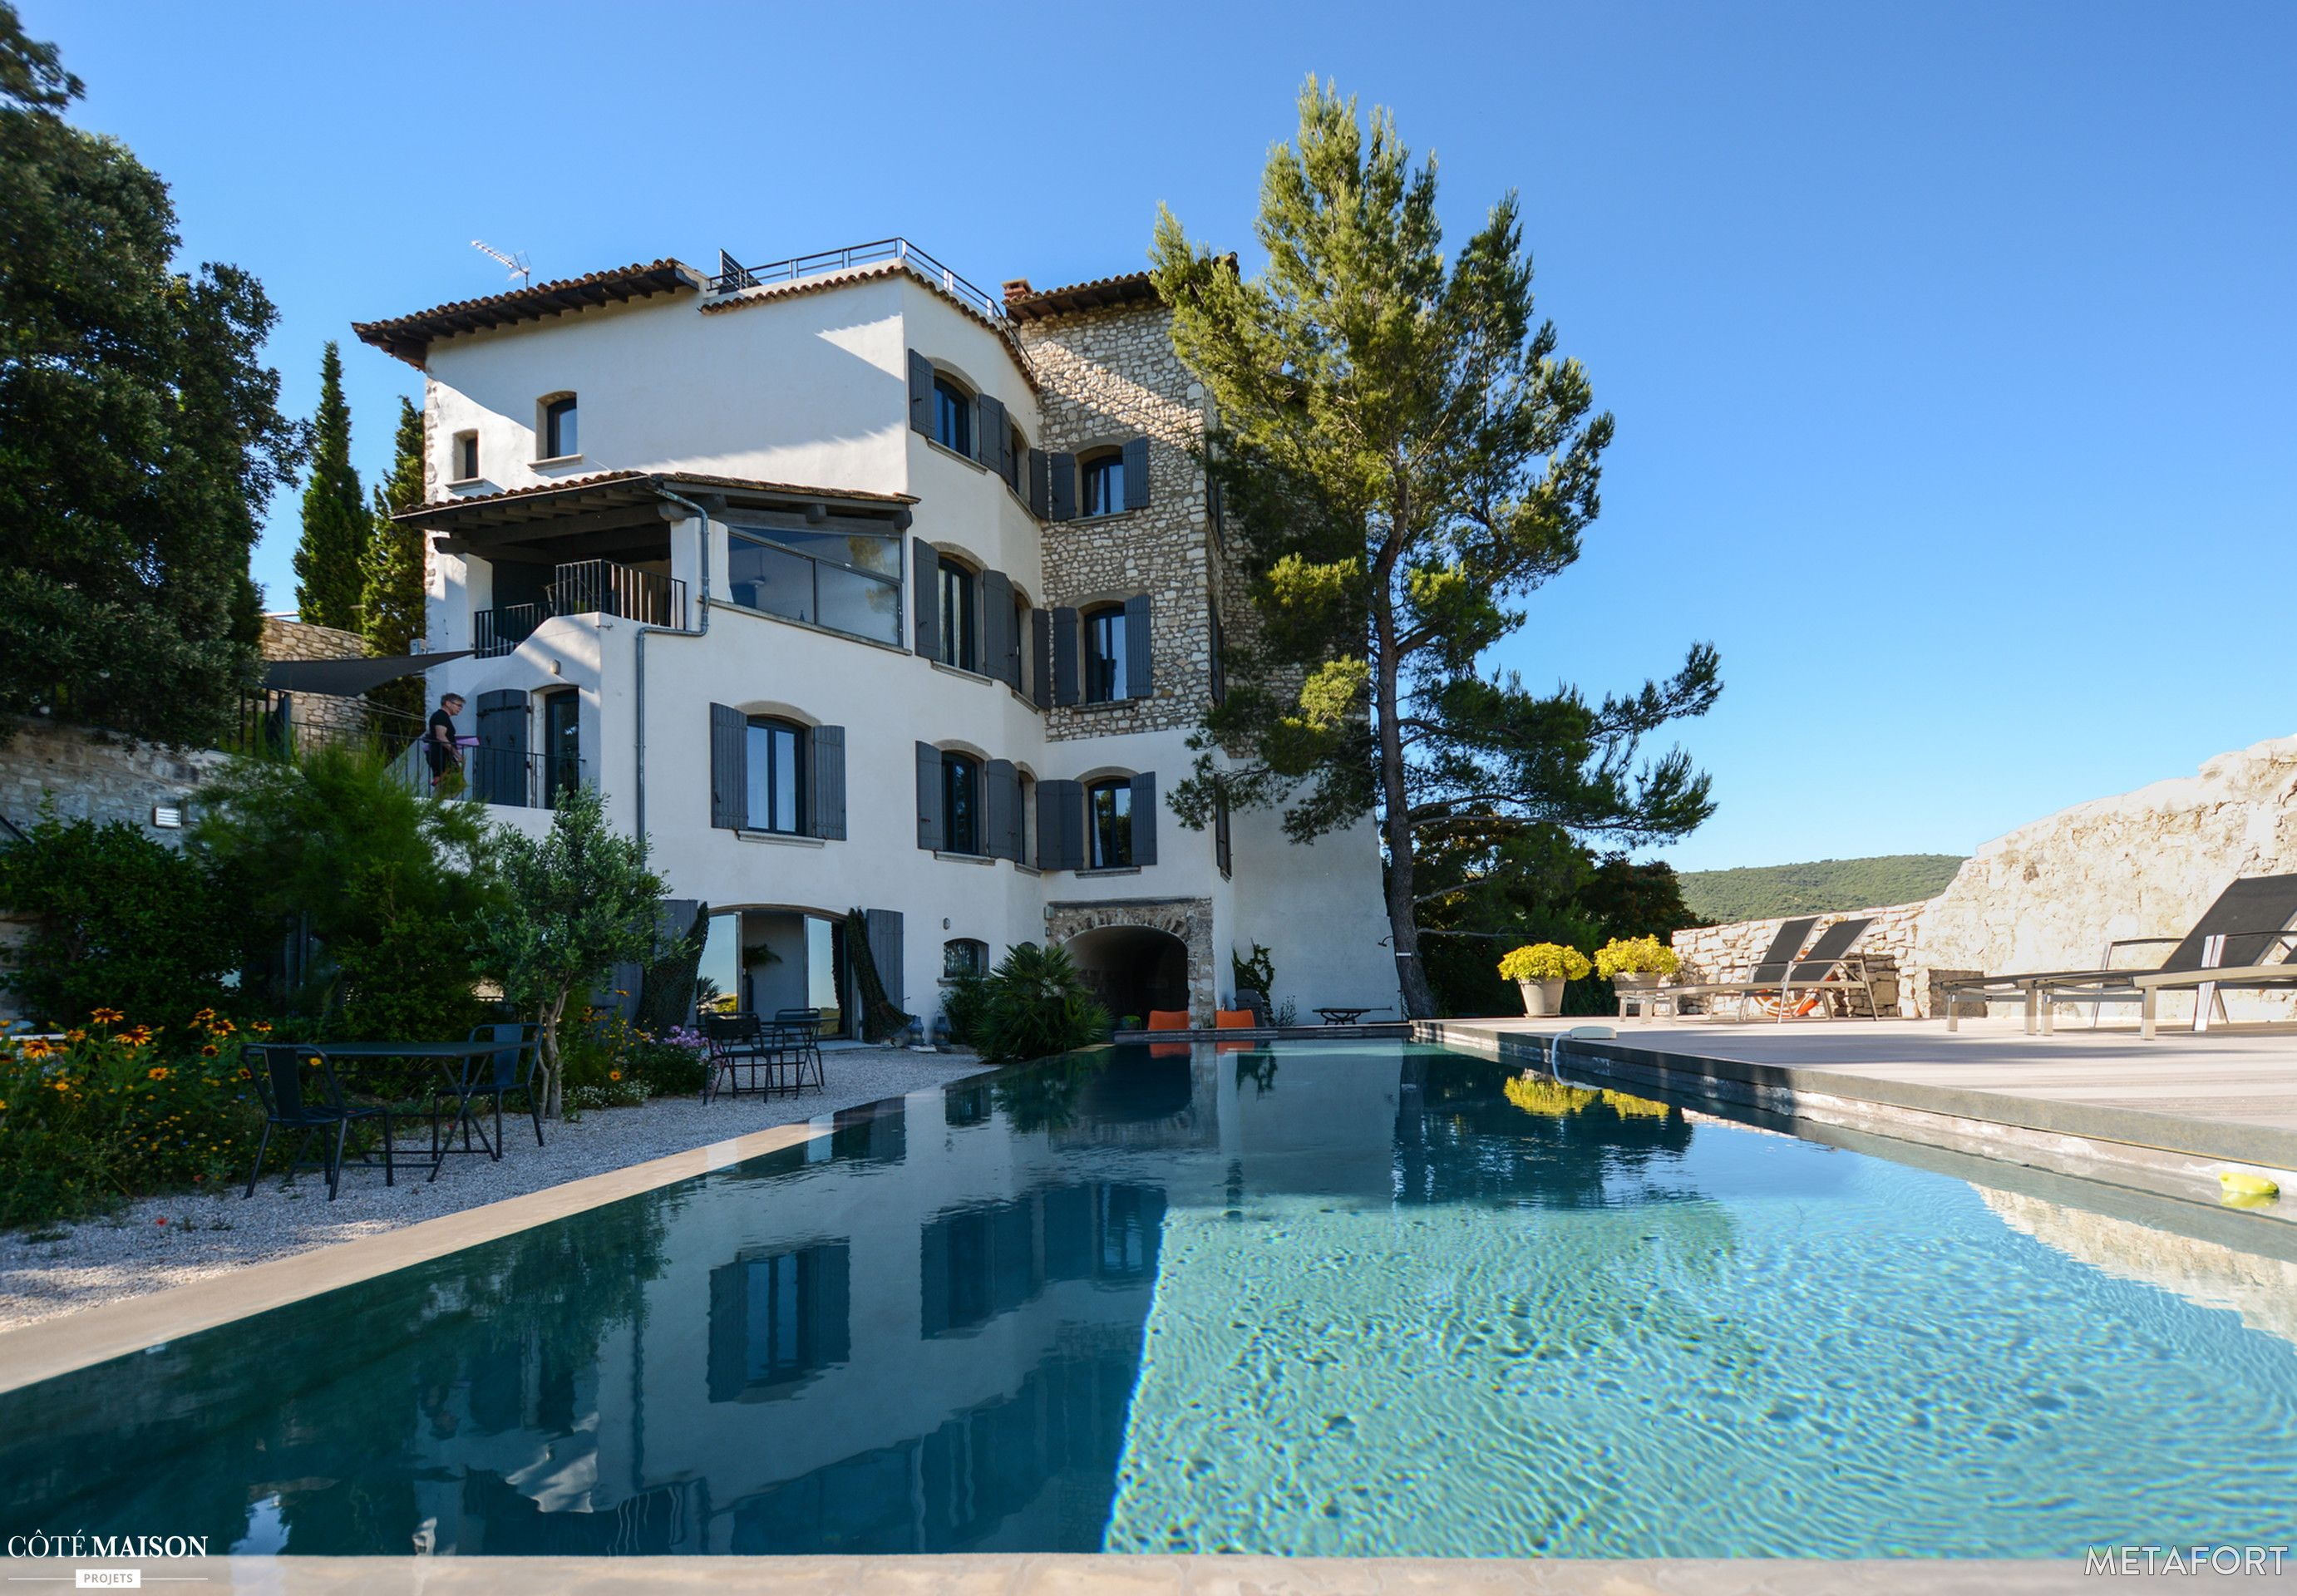 Une sublime maison de vacances avec piscine